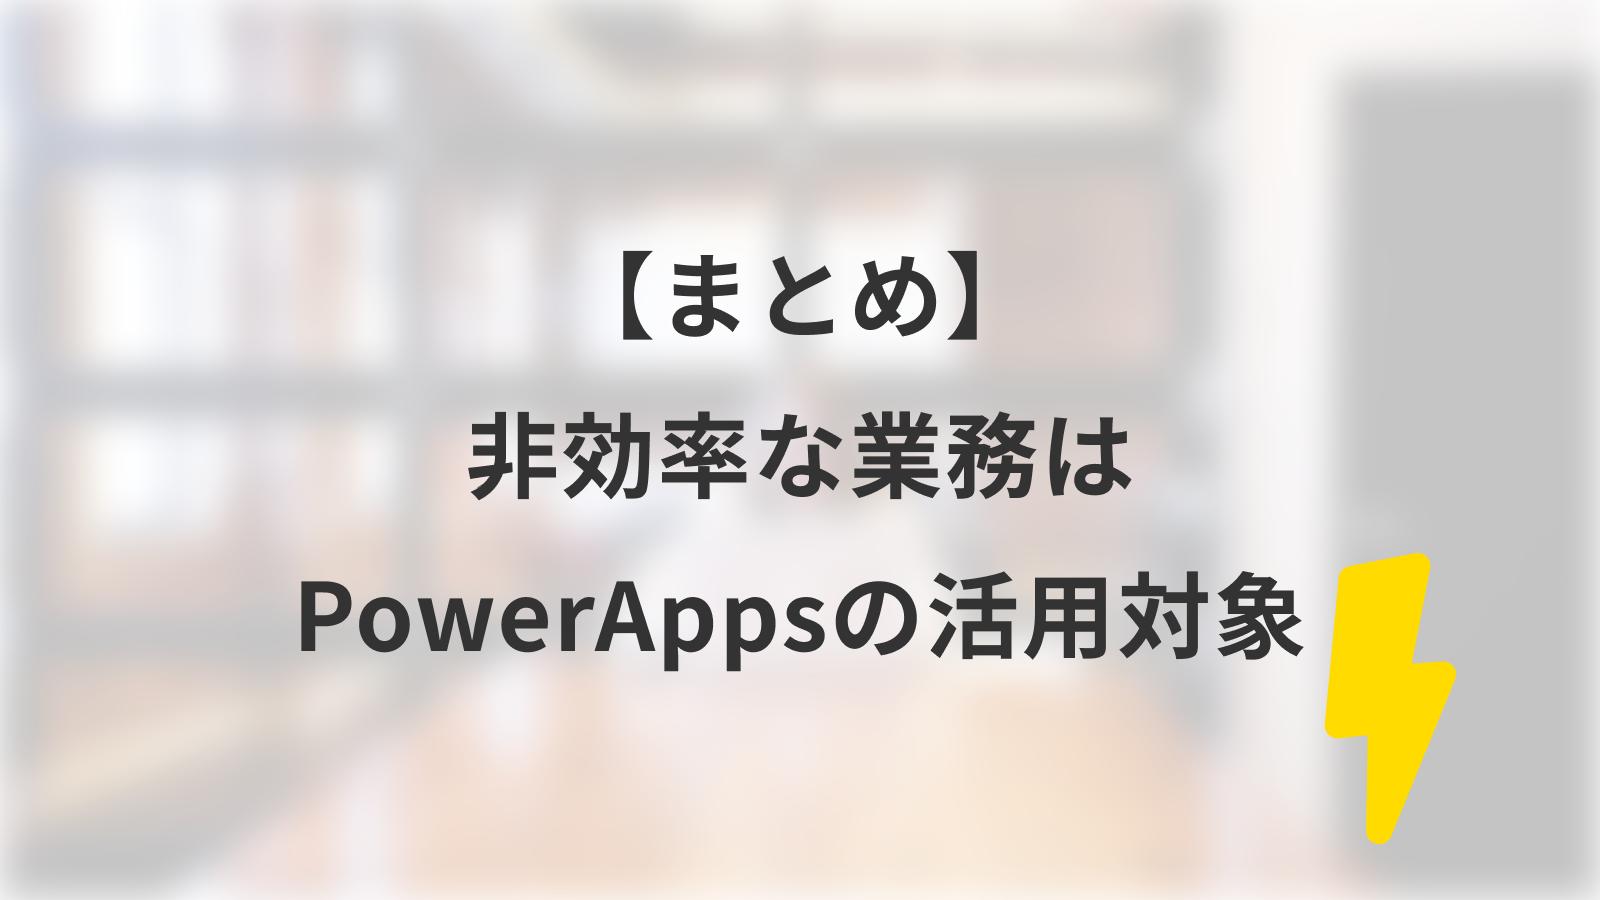 【まとめ】非効率な業務は全てPowerAppsの活用対象